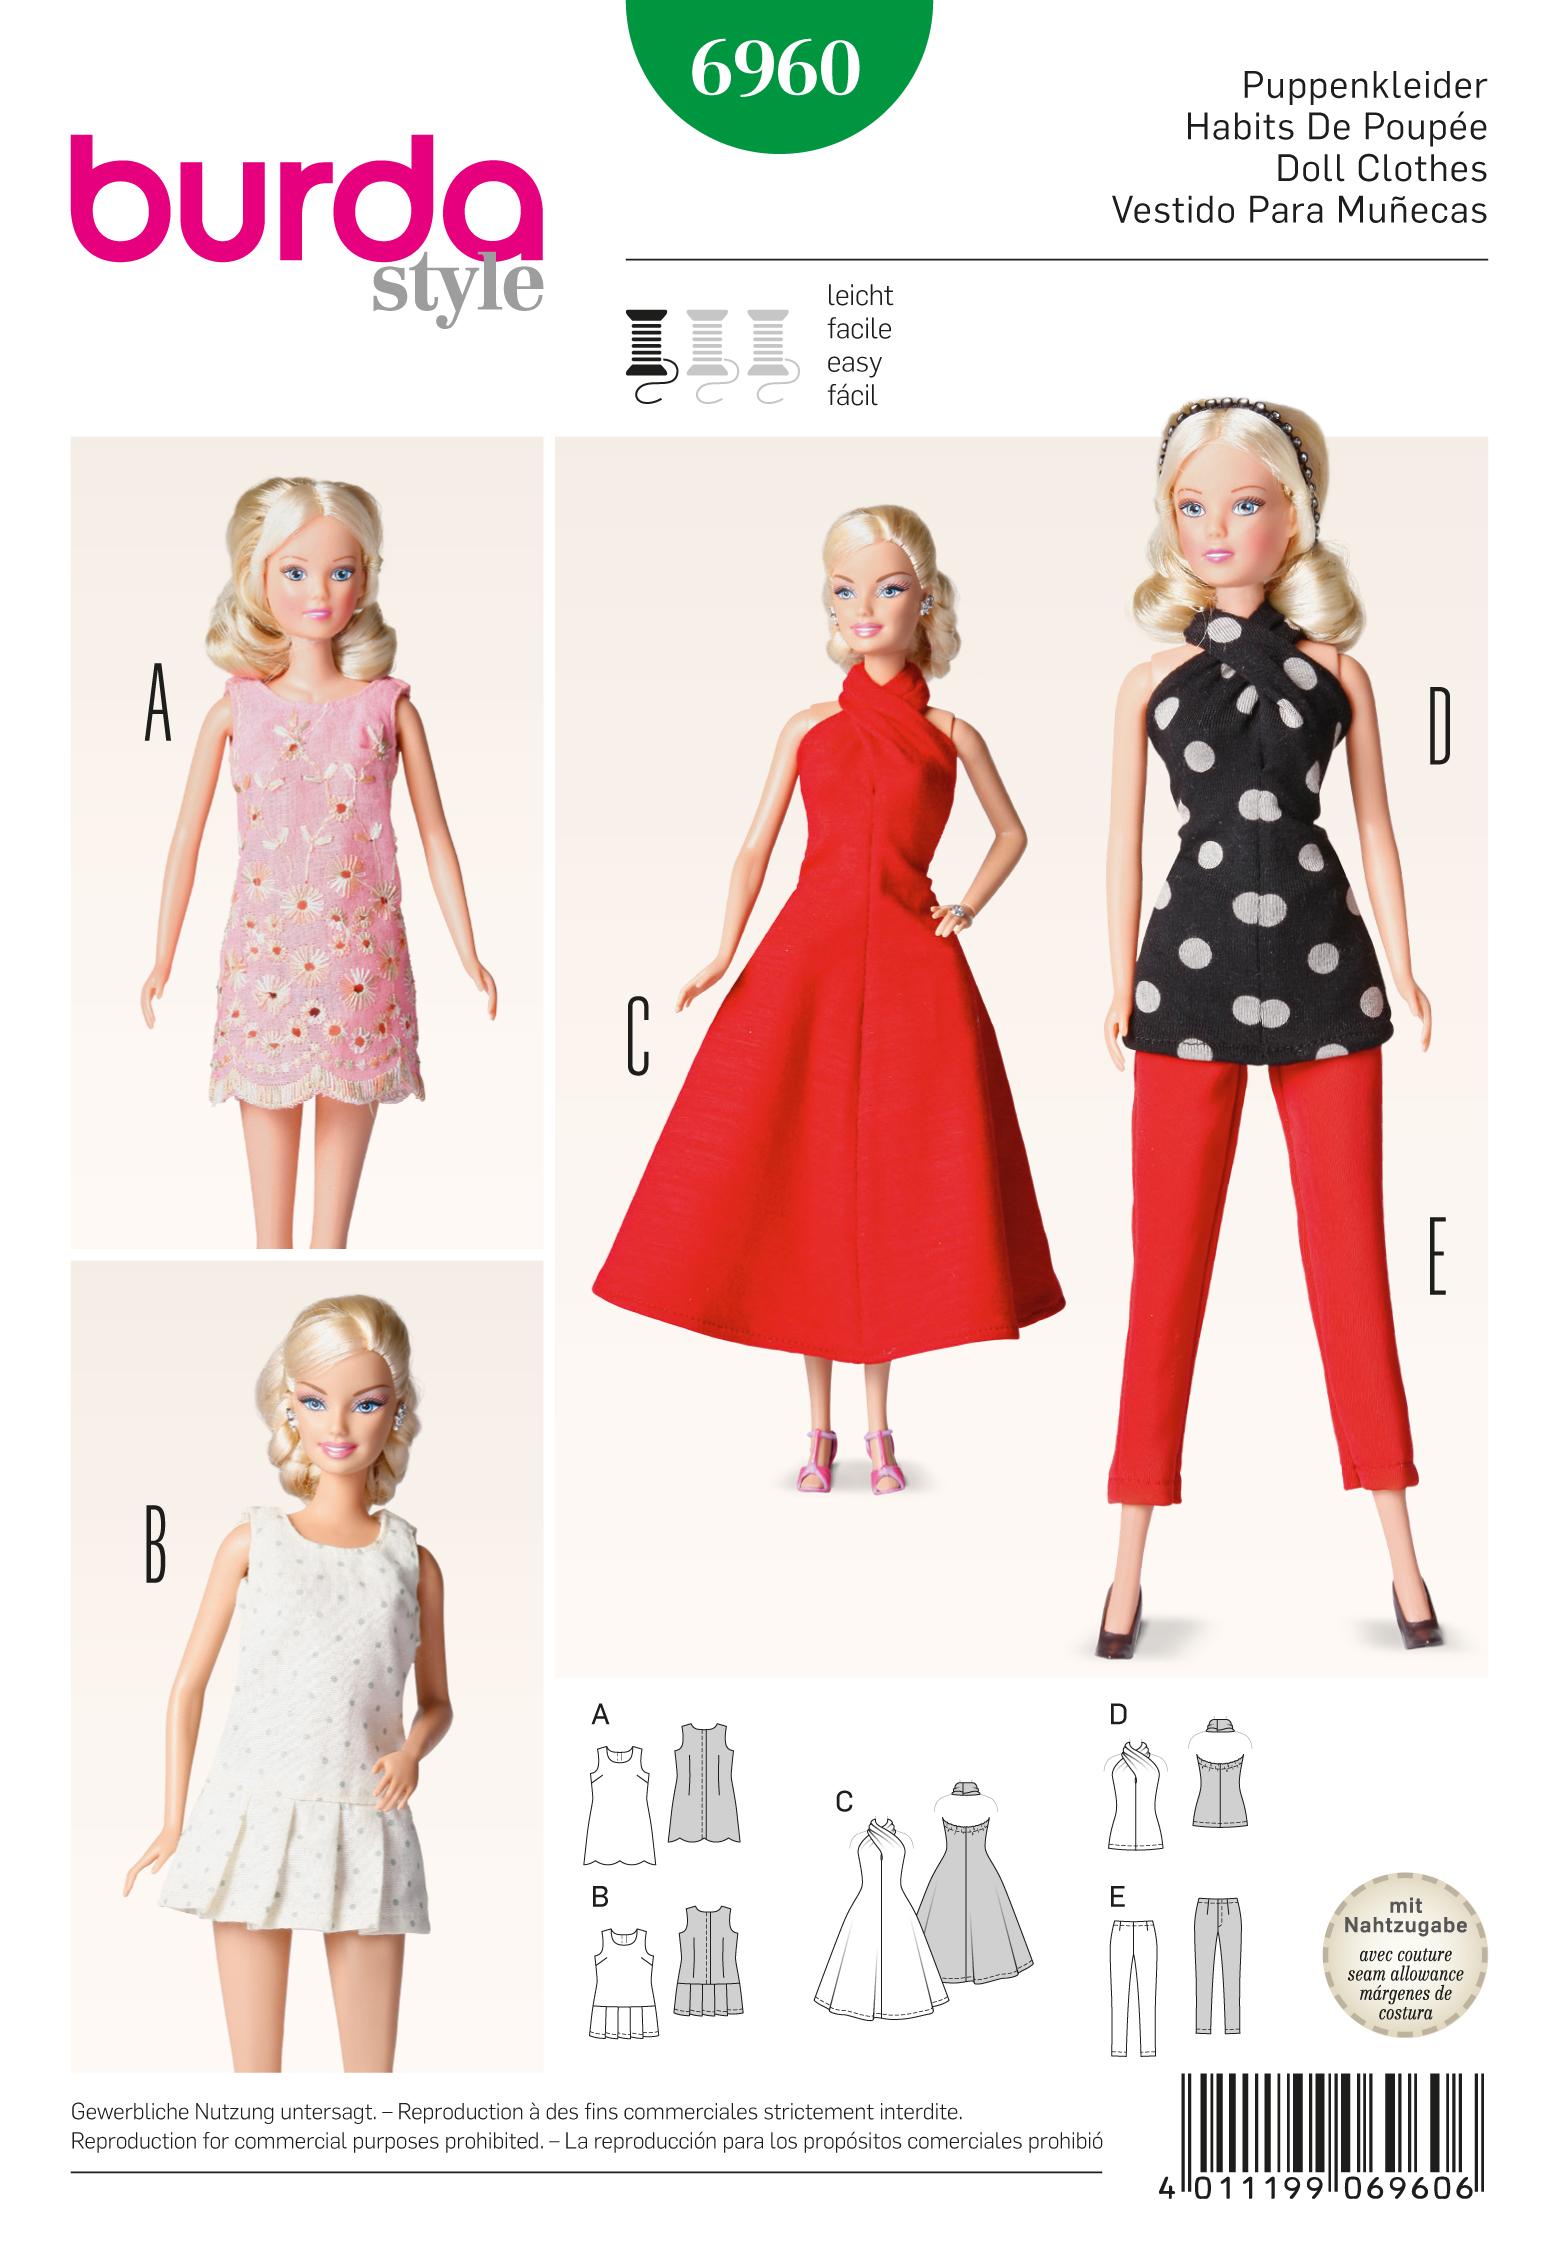 Burda 6960 doll clothes accessoires for Accessoires maison barbie